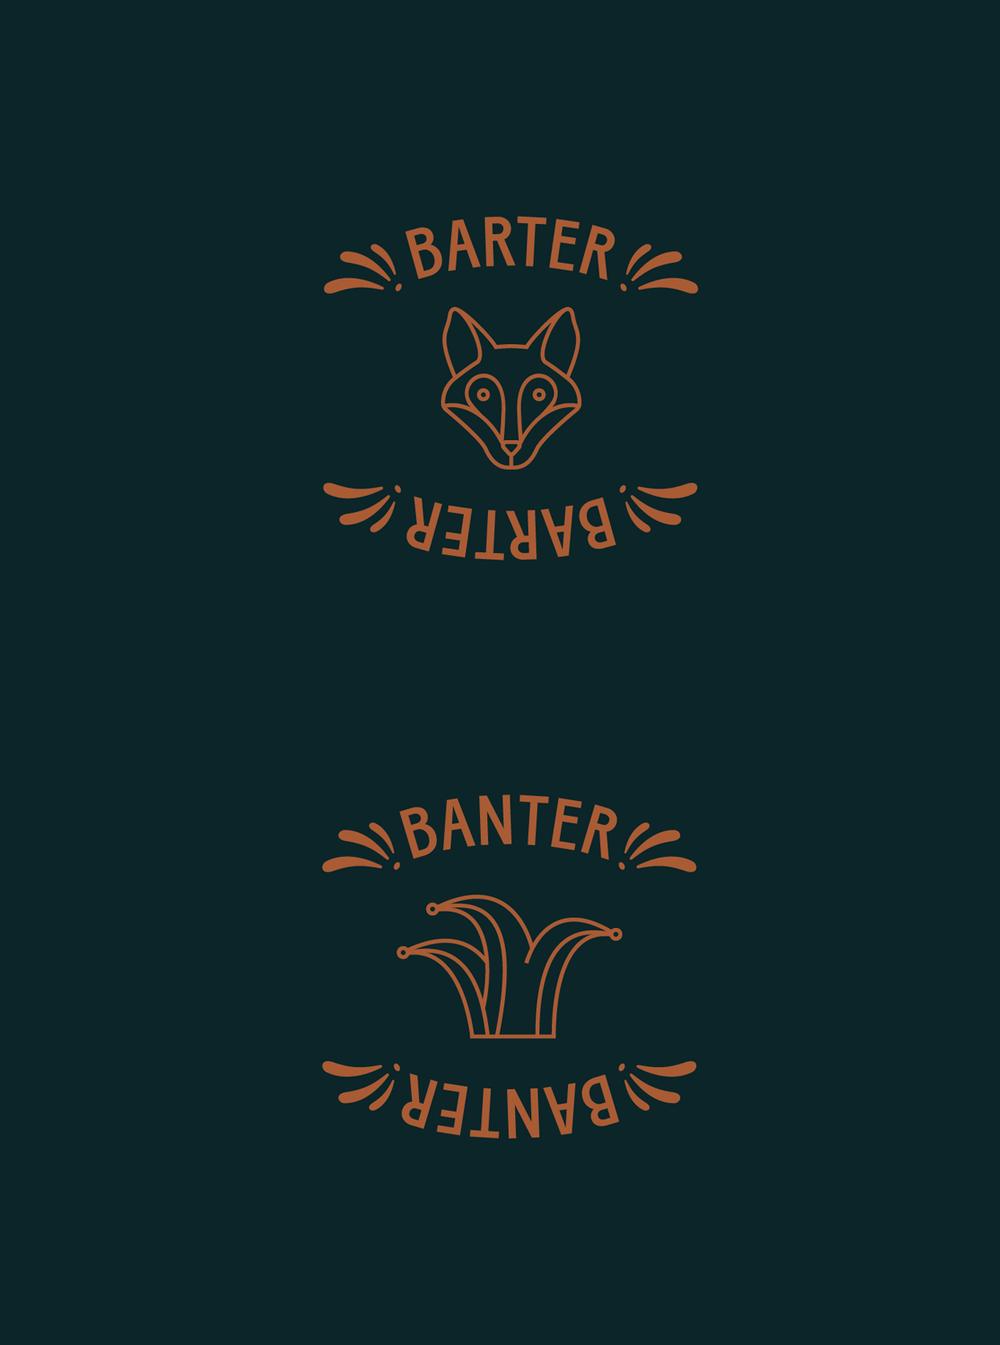 Noelle_TradeRoom_Banter-Barter.png